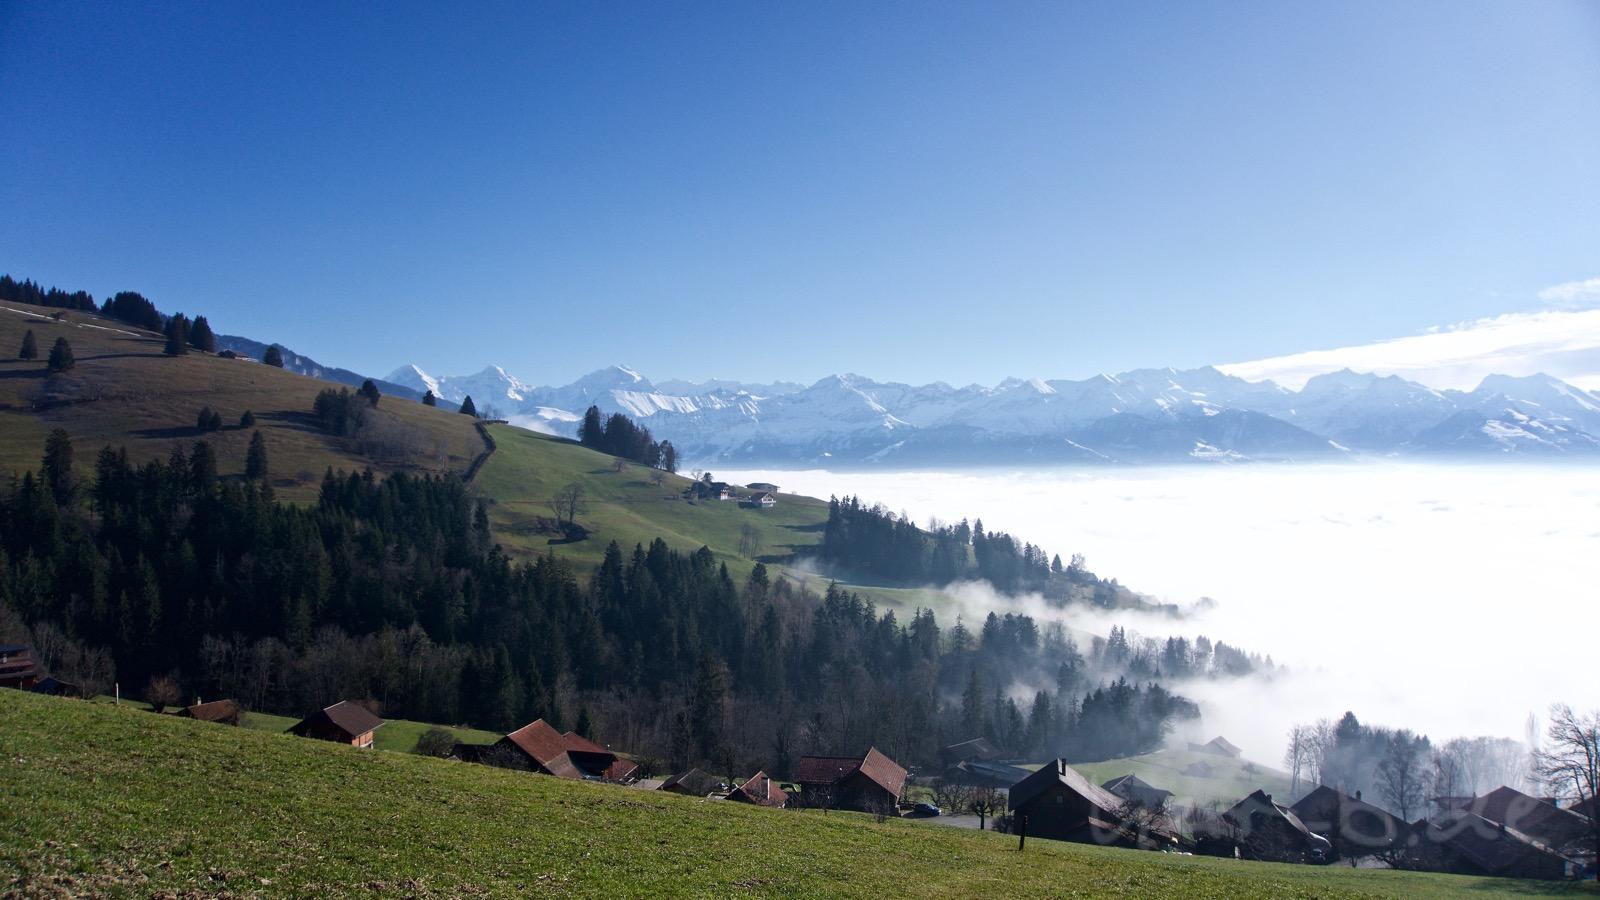 Nebel über dem Thunersee und Ausblick auf das Oberland